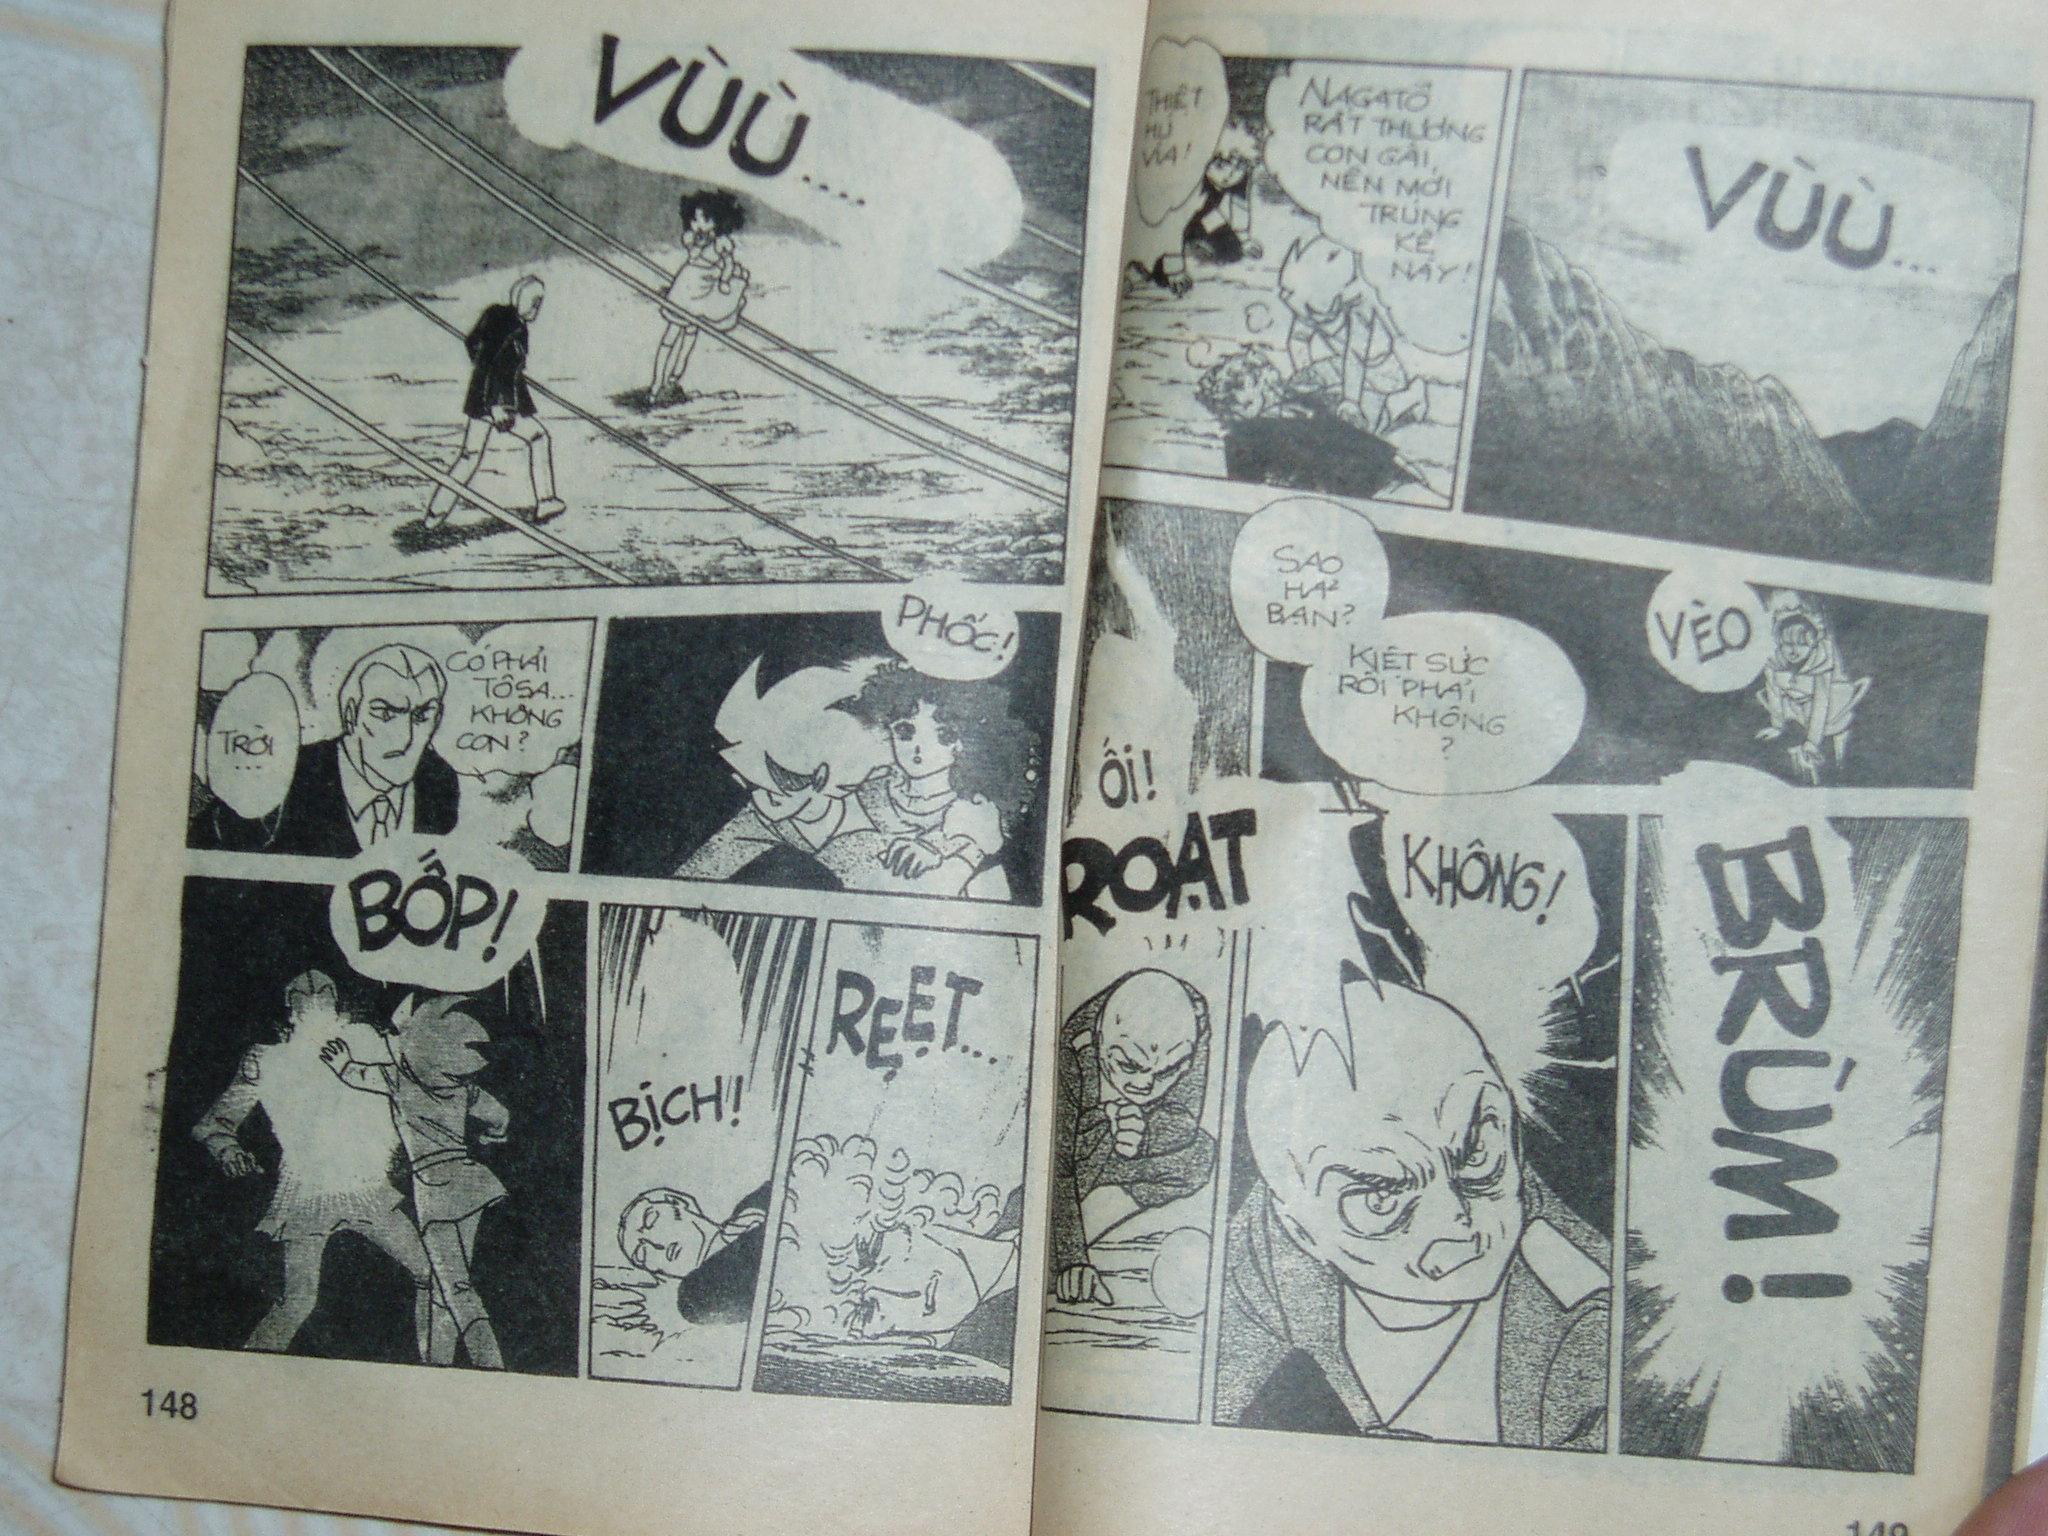 Siêu nhân Locke vol 13 trang 70